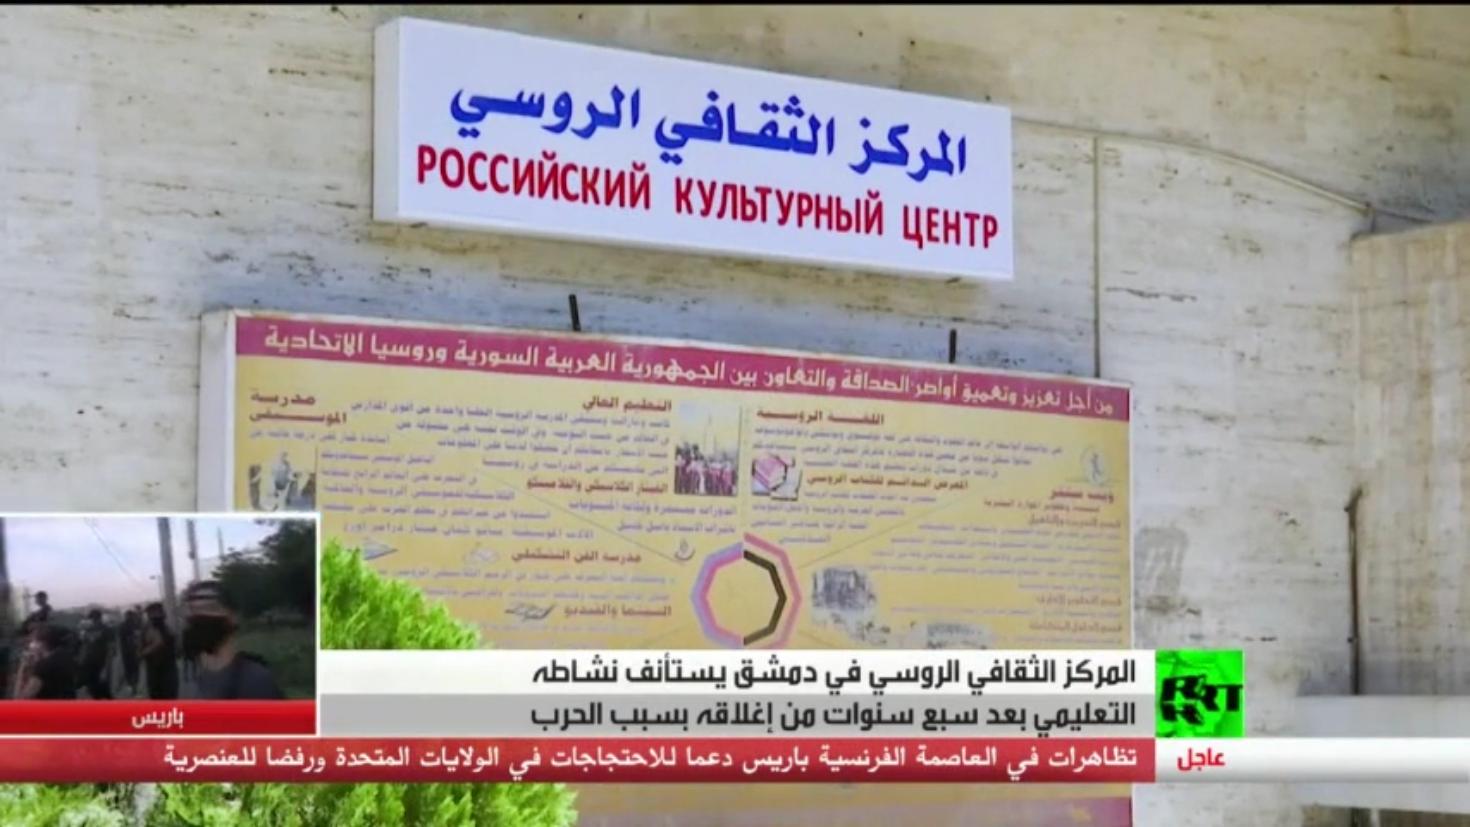 المركز الثقافي الروسي في دمشق يستأنف نشاطه